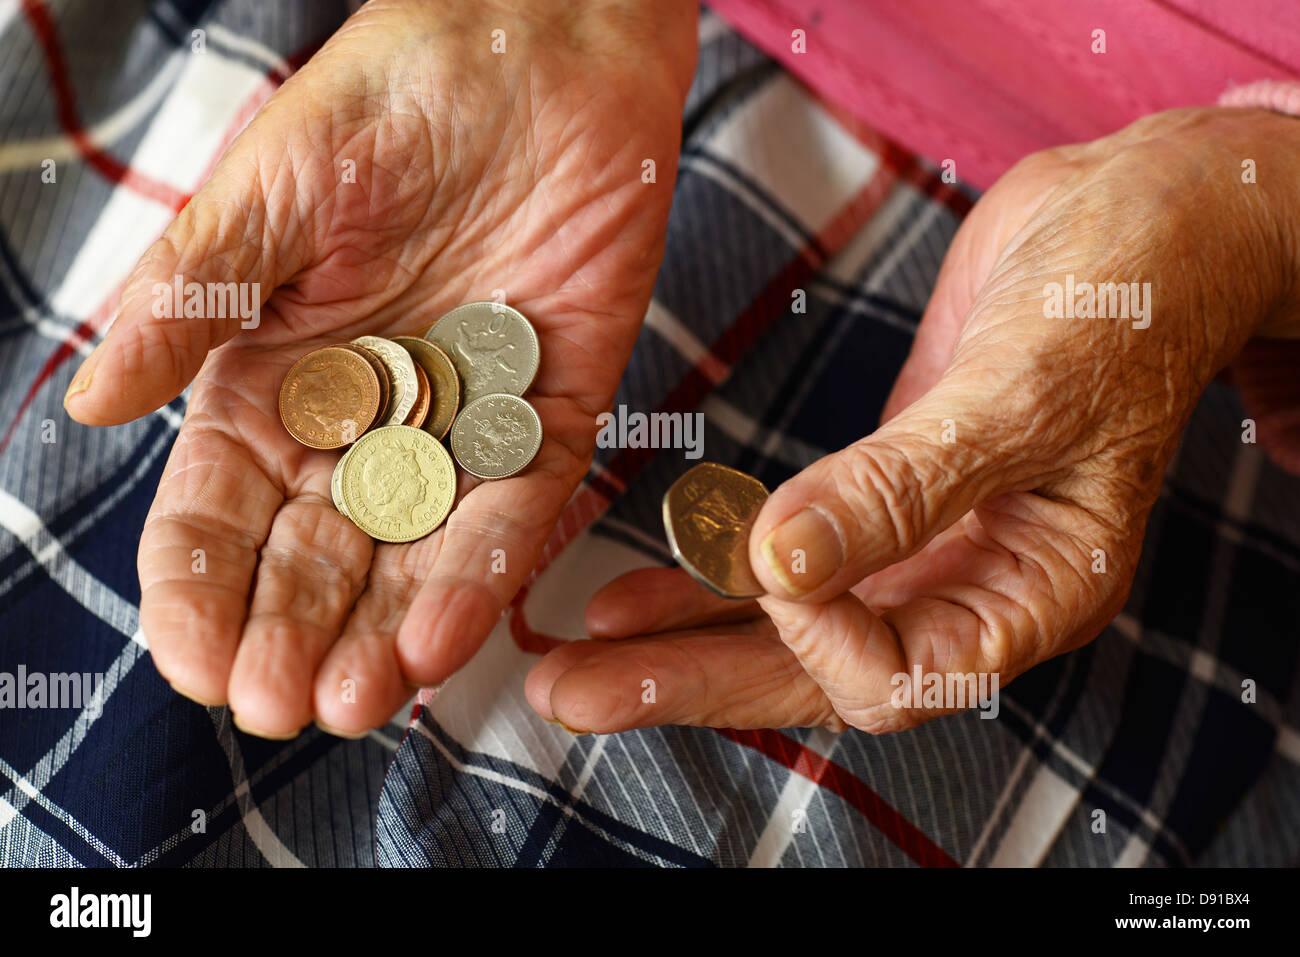 Soldi, monete in una donna anziana con le mani in mano, close up di denaro contante nelle mani della donna anziana Immagini Stock